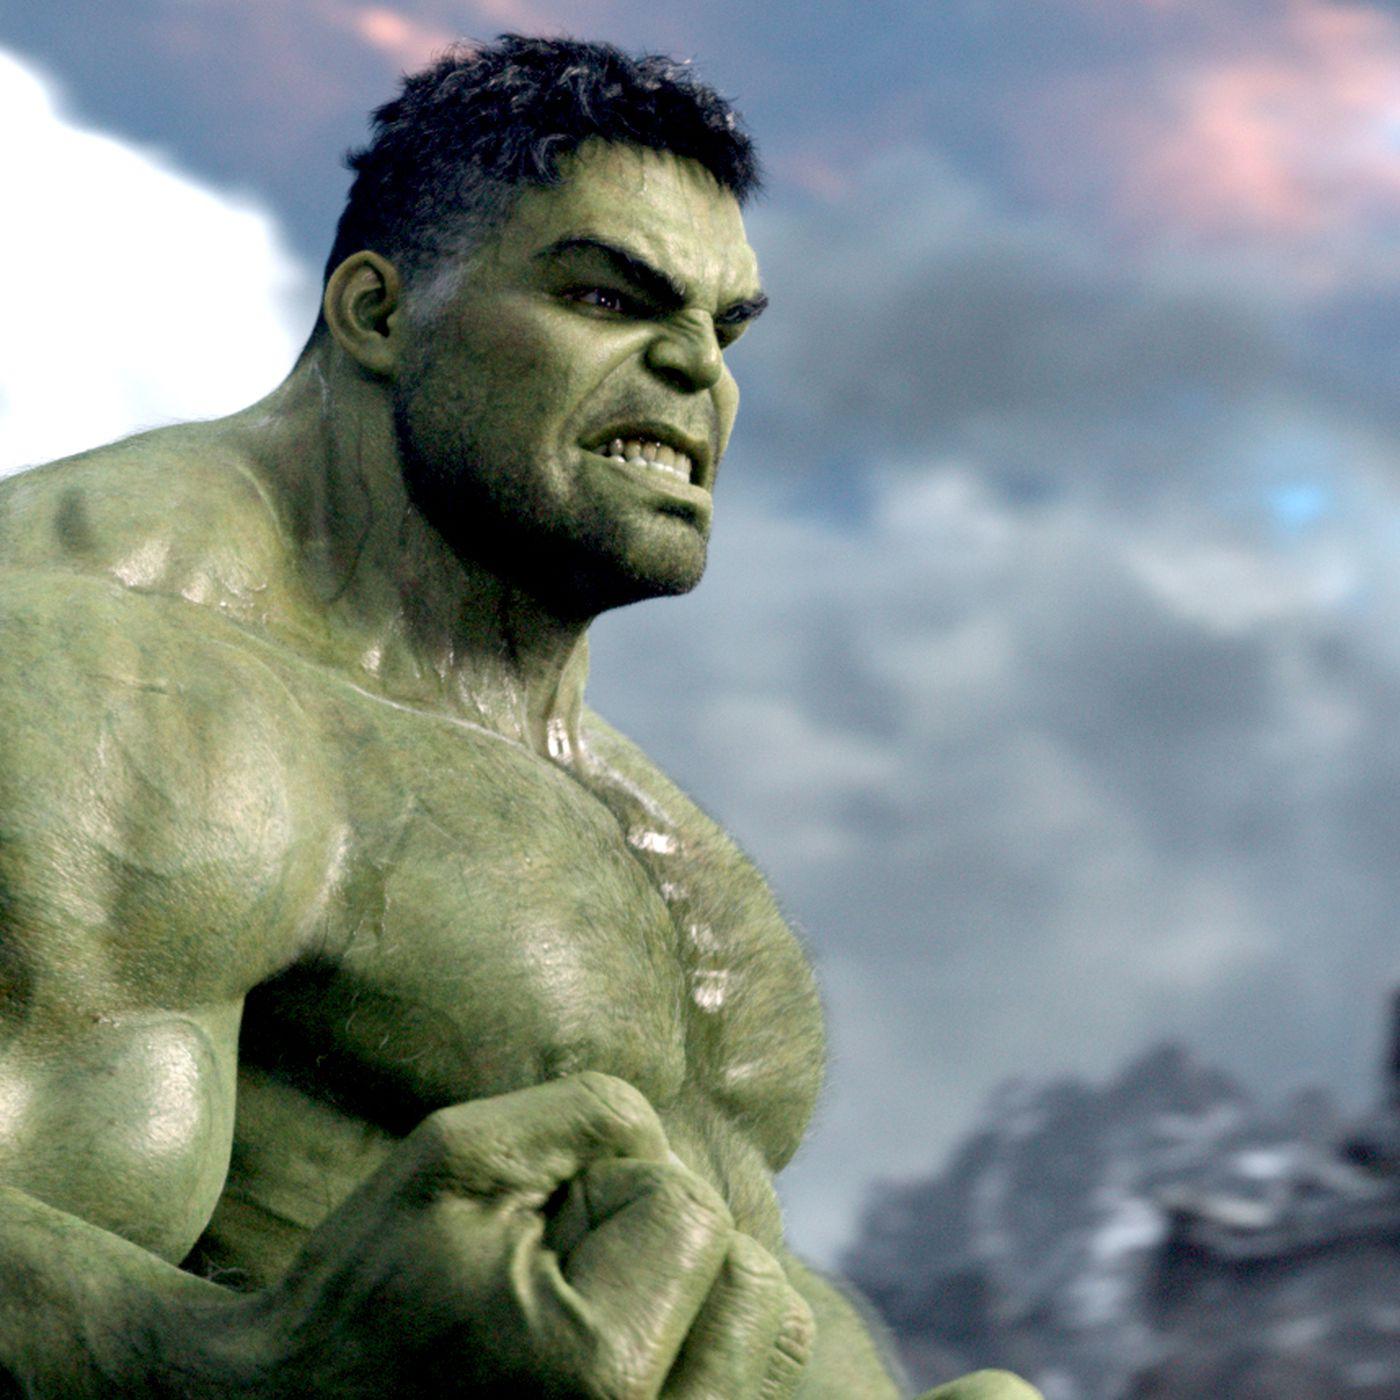 شماره دوم کمیک بوک hulk planet